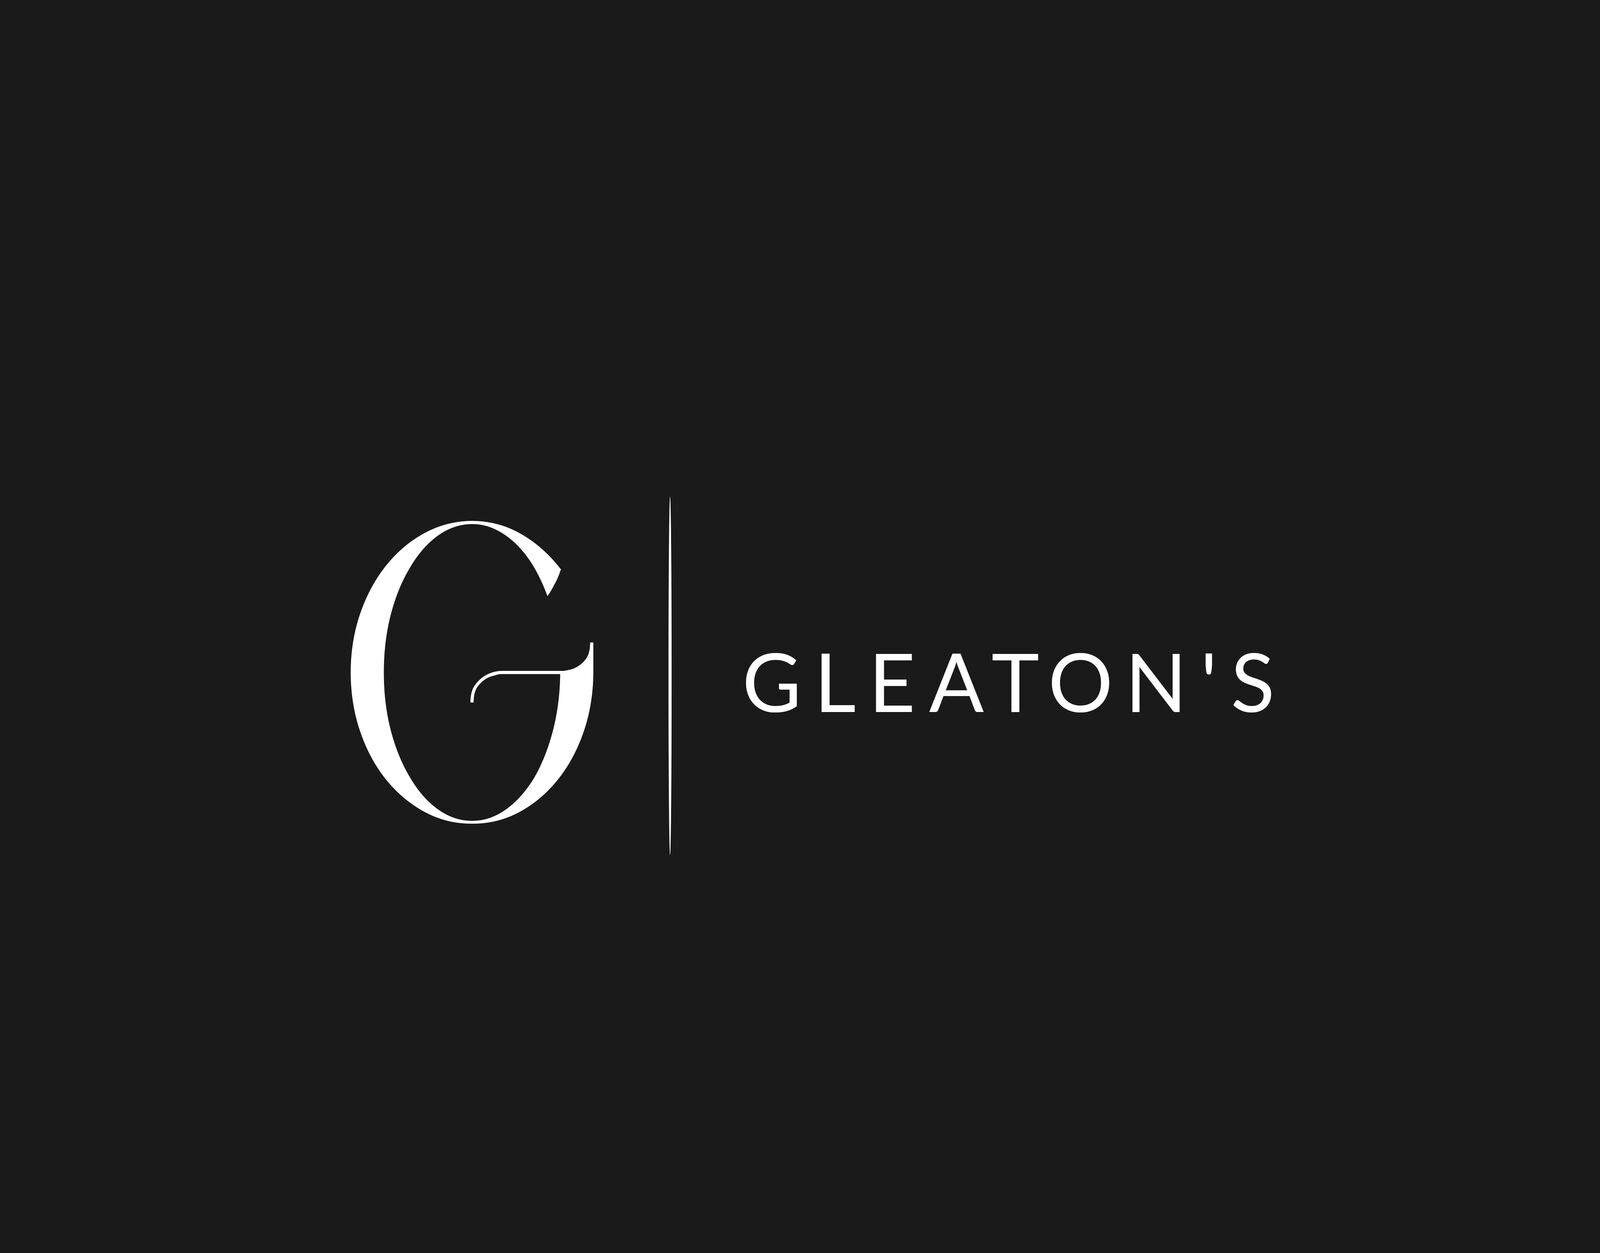 Gleaton s